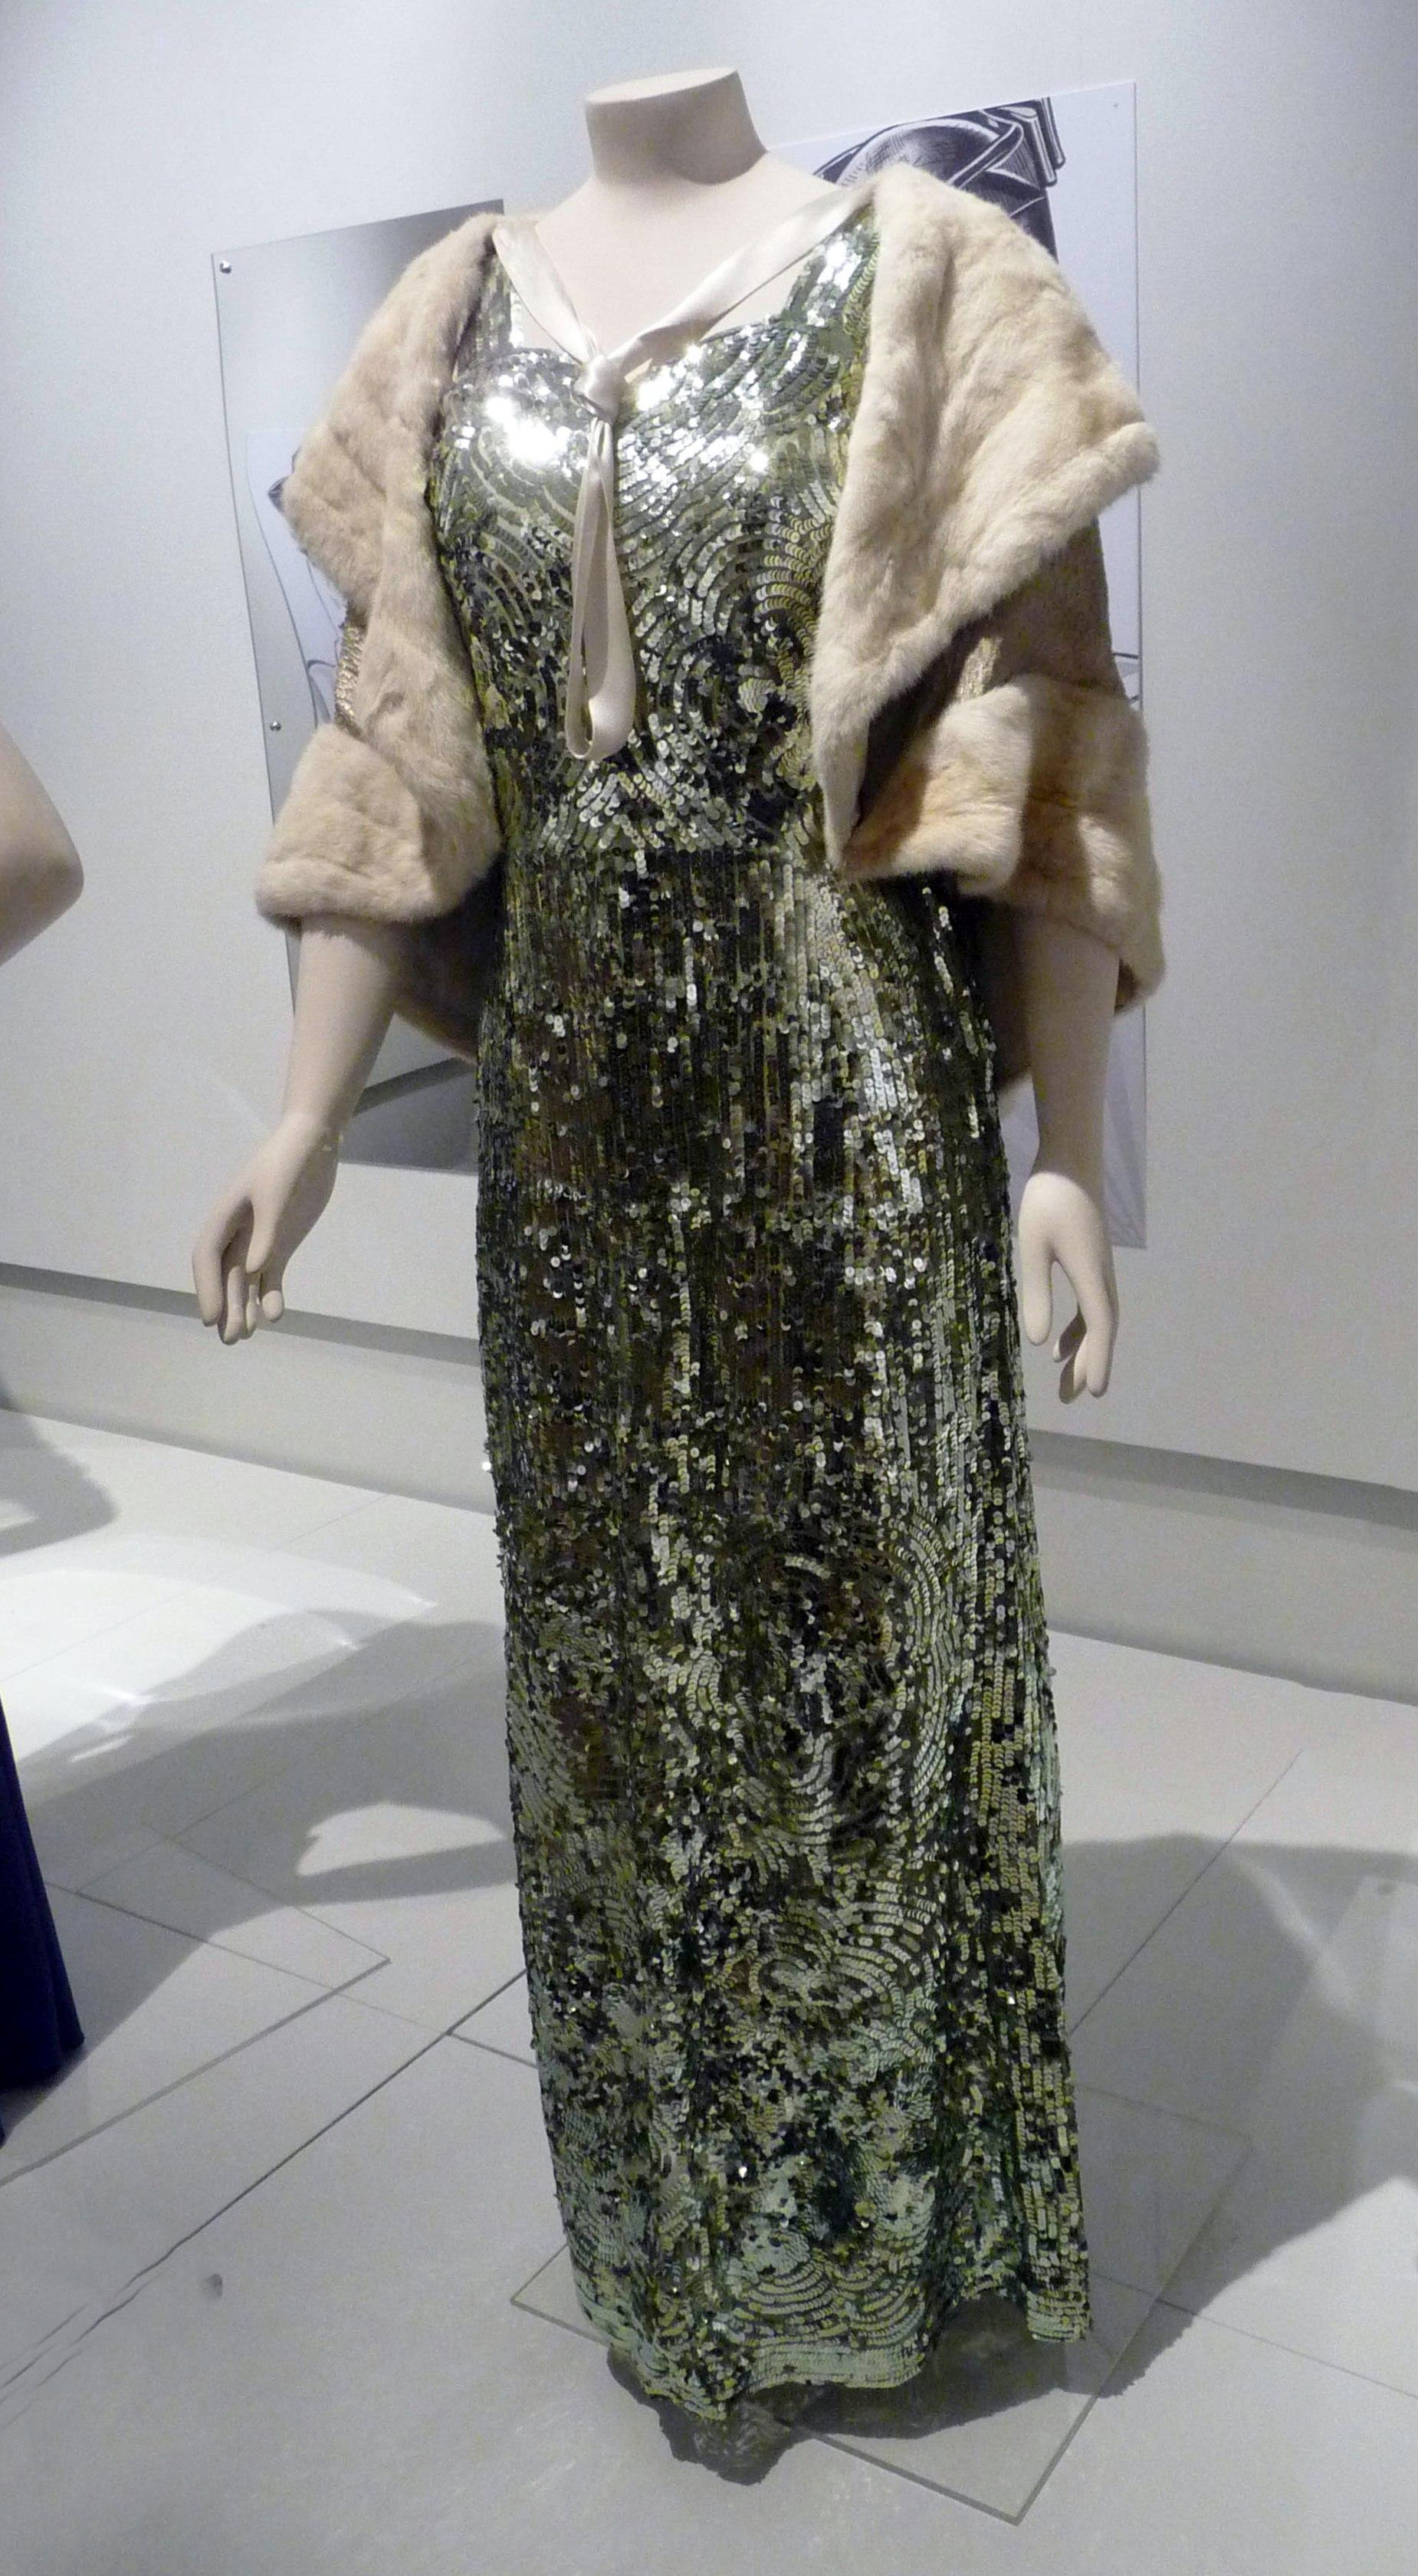 Evening dress, cotton net & metallic sequins, 1935